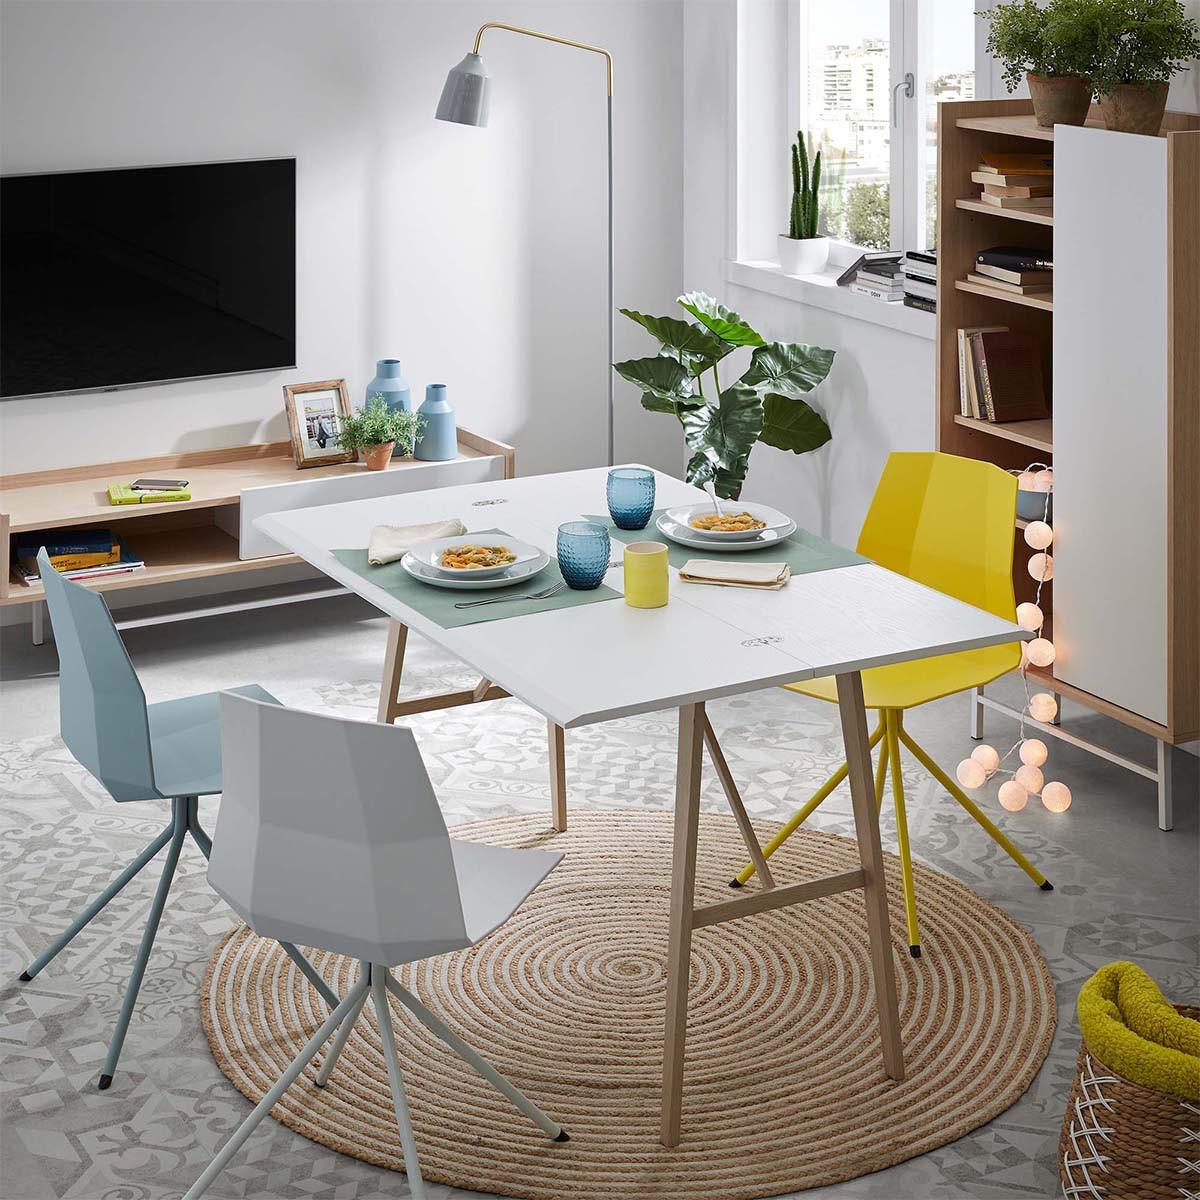 Ana gris chaise moderne en tissu achat vente chaises design mycreationd - Chaises design en soldes ...